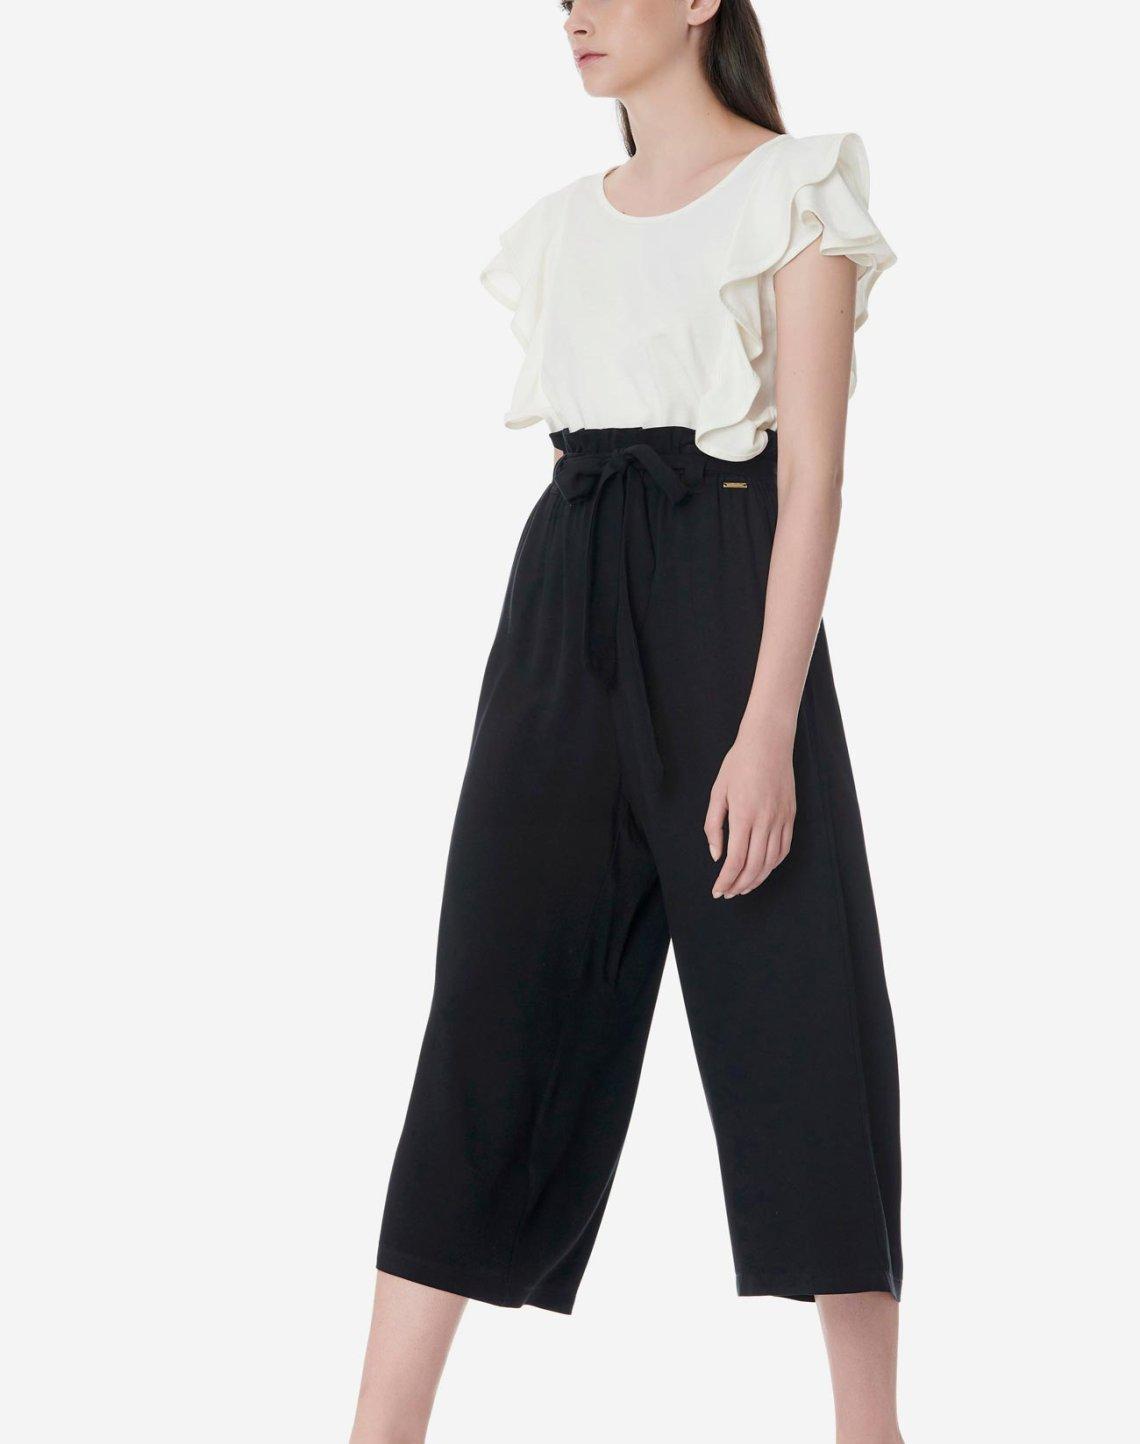 Παντελόνι culotte με ζώνη